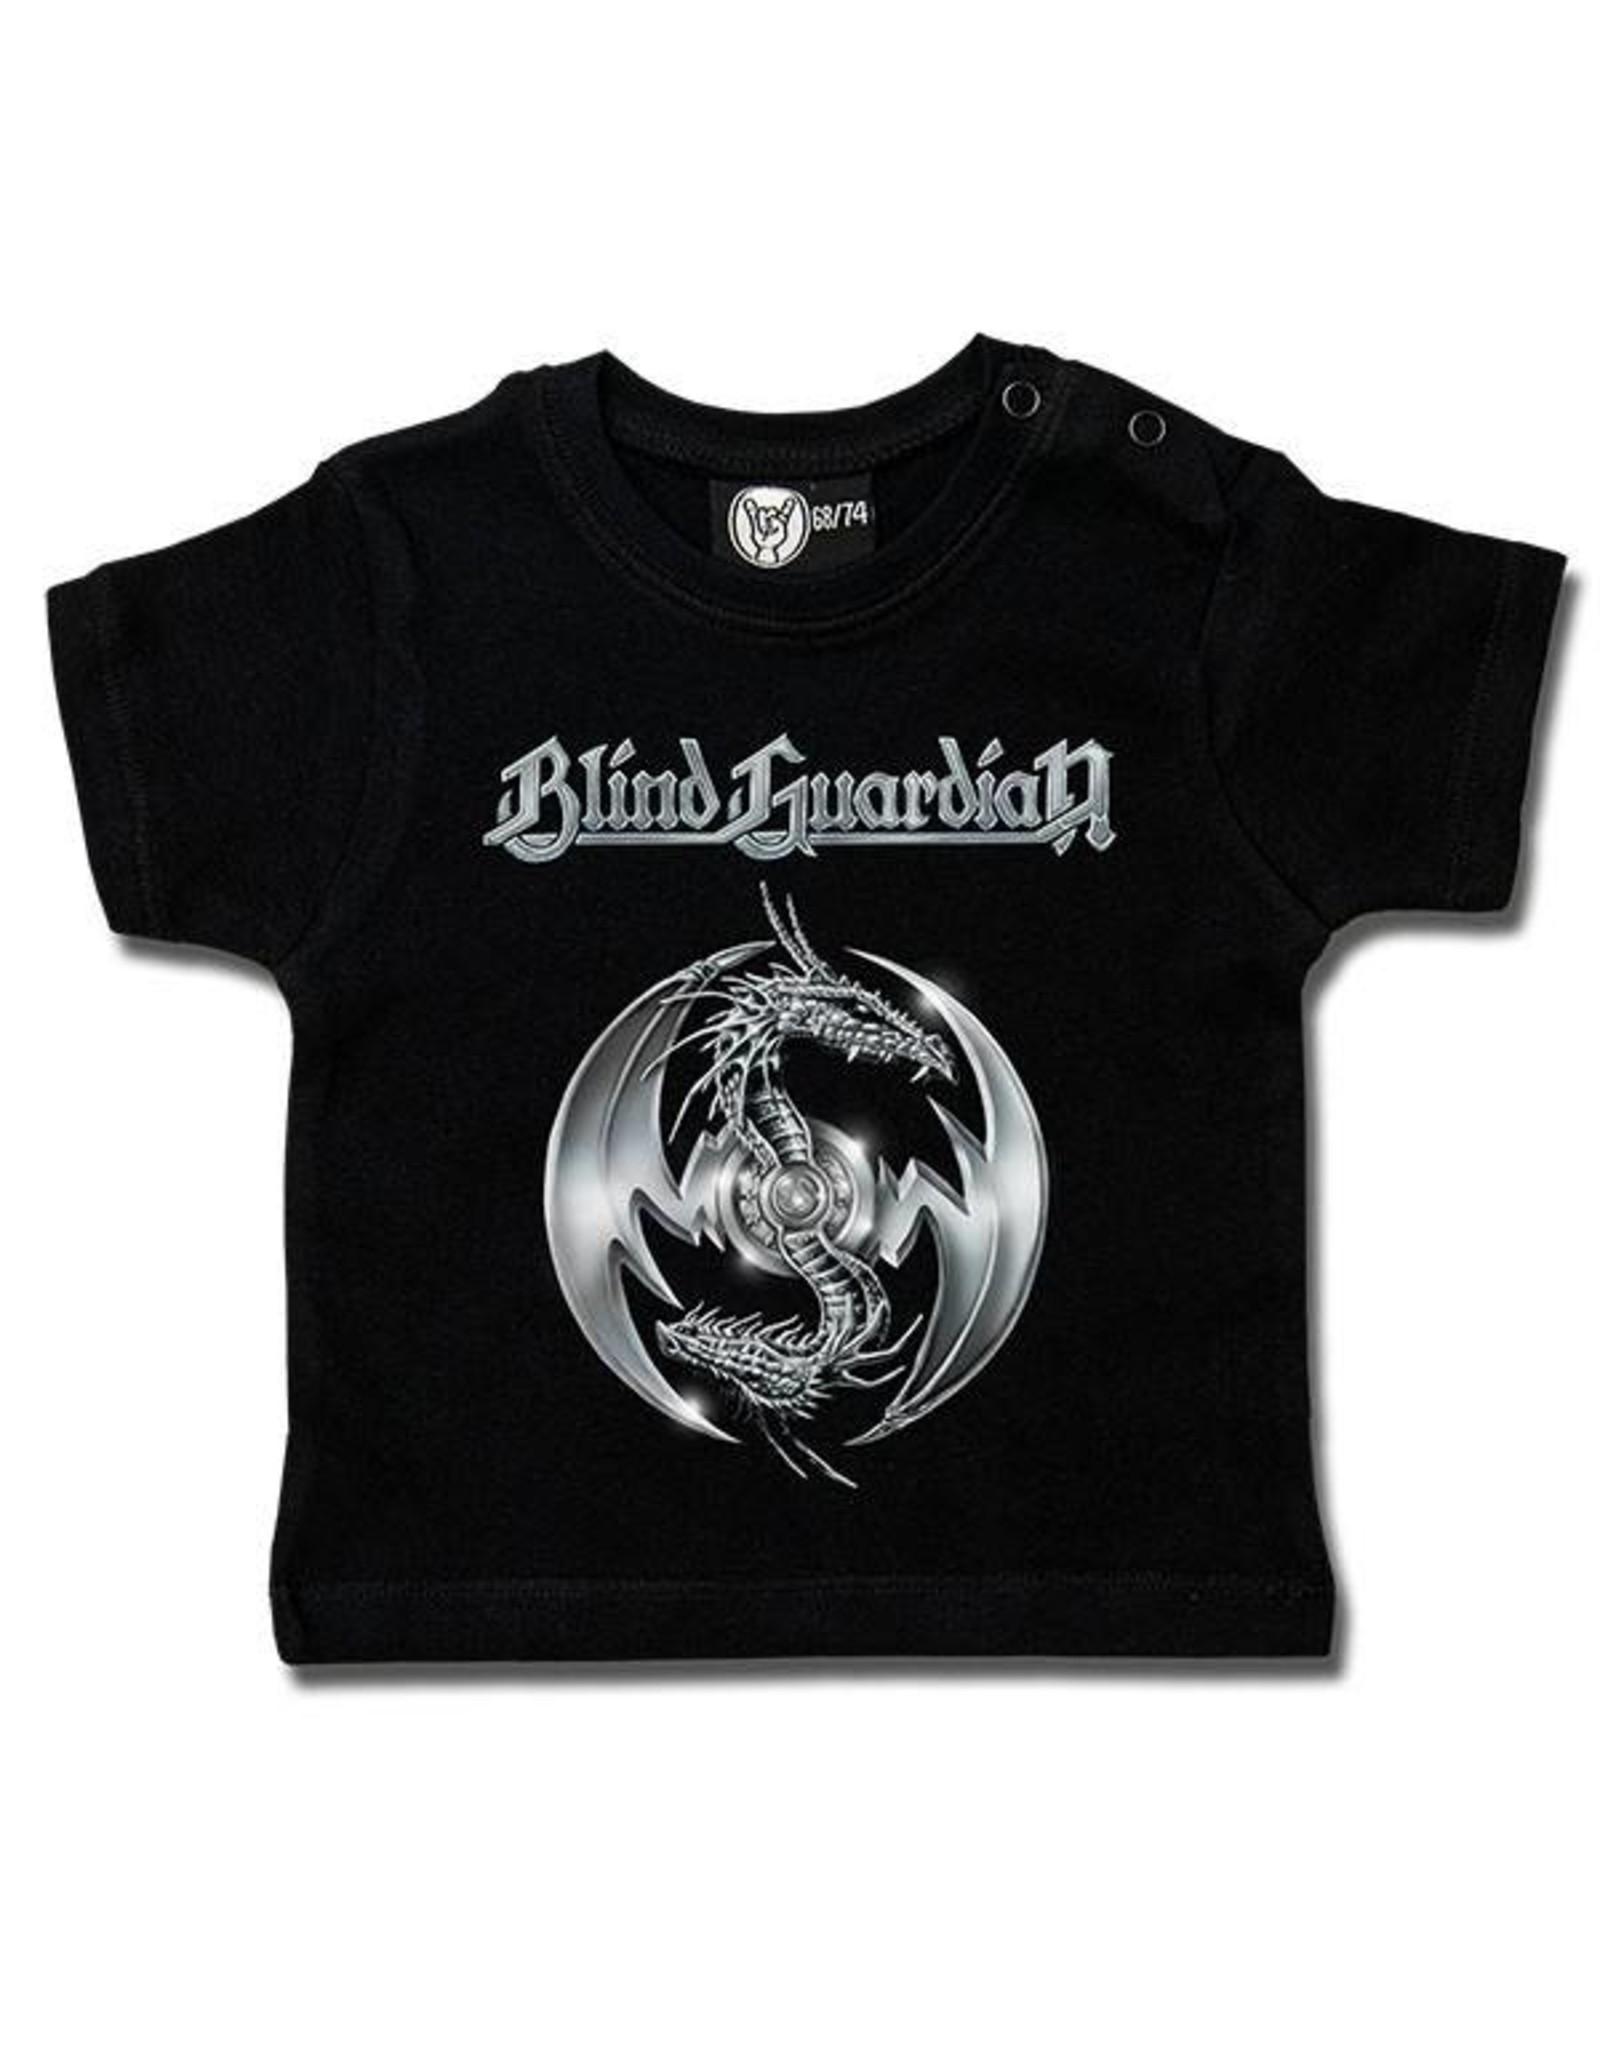 Blind Guardian Kids T-Shirt